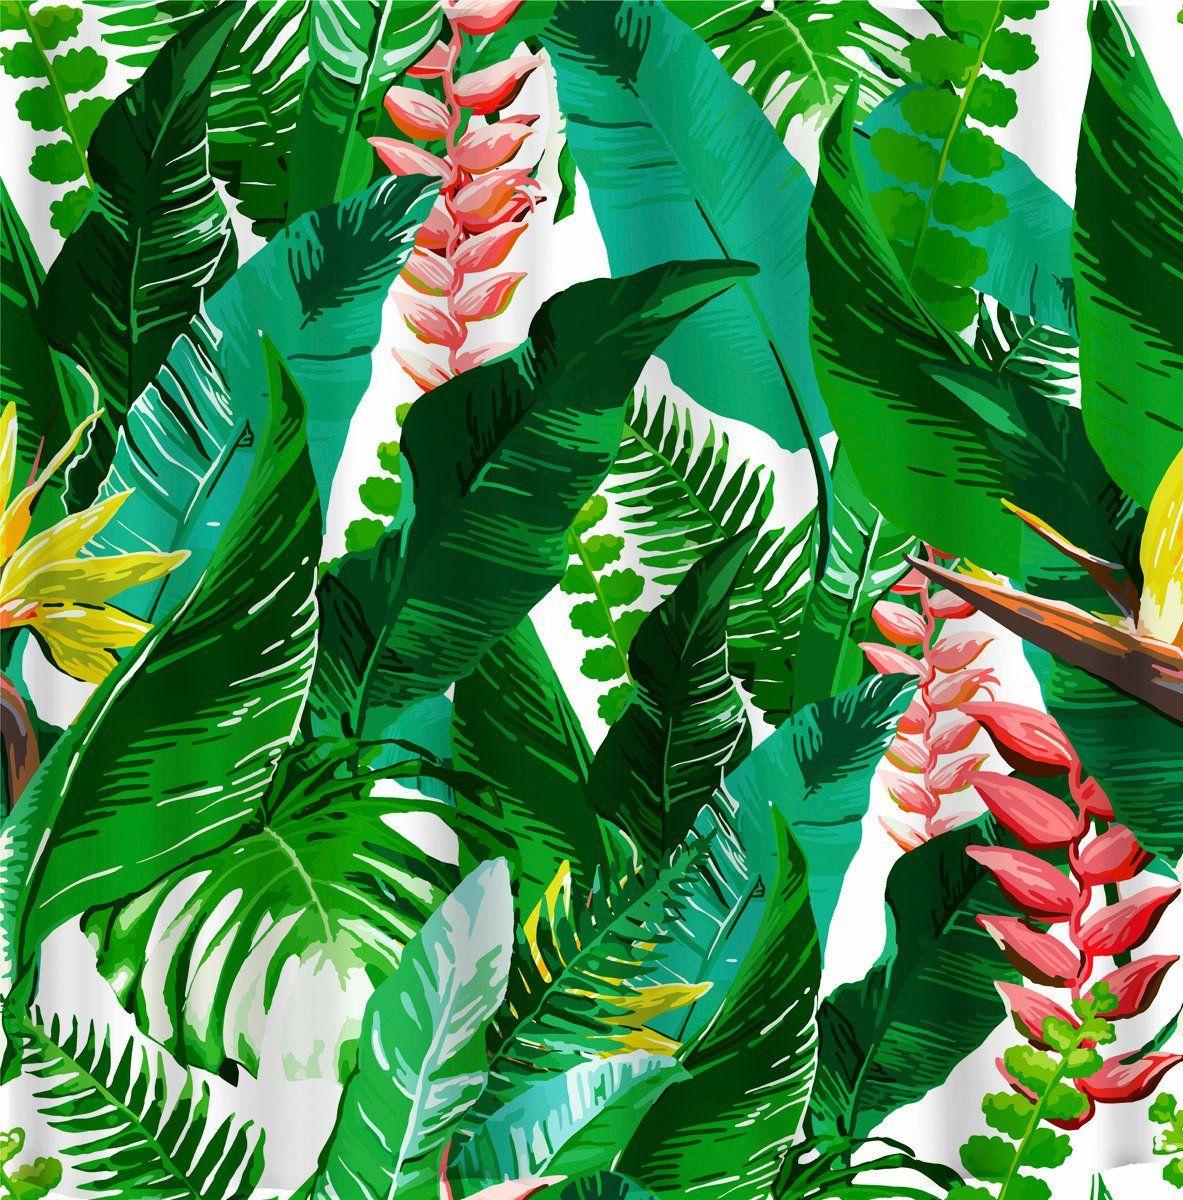 Картинки в тропическом стиле, про погоду